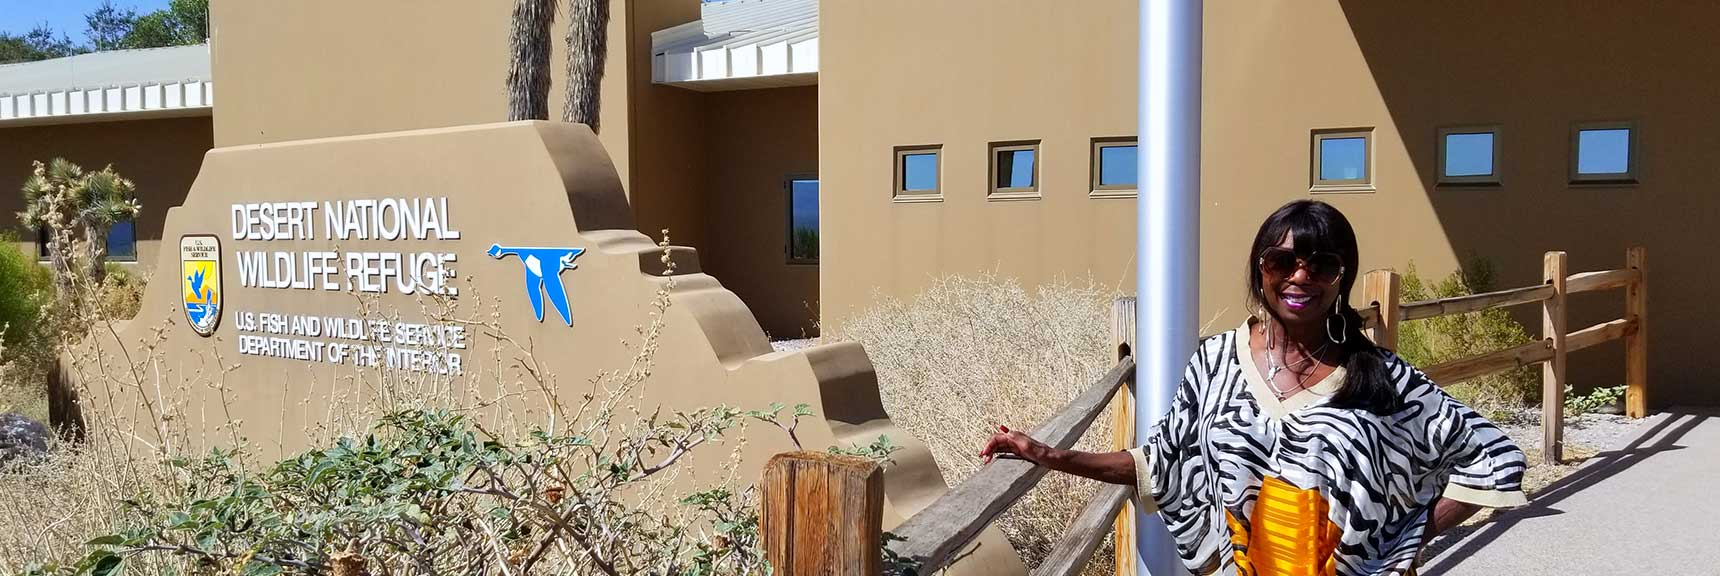 Desert National Wildlife Refuge Visitor Center, Nevada